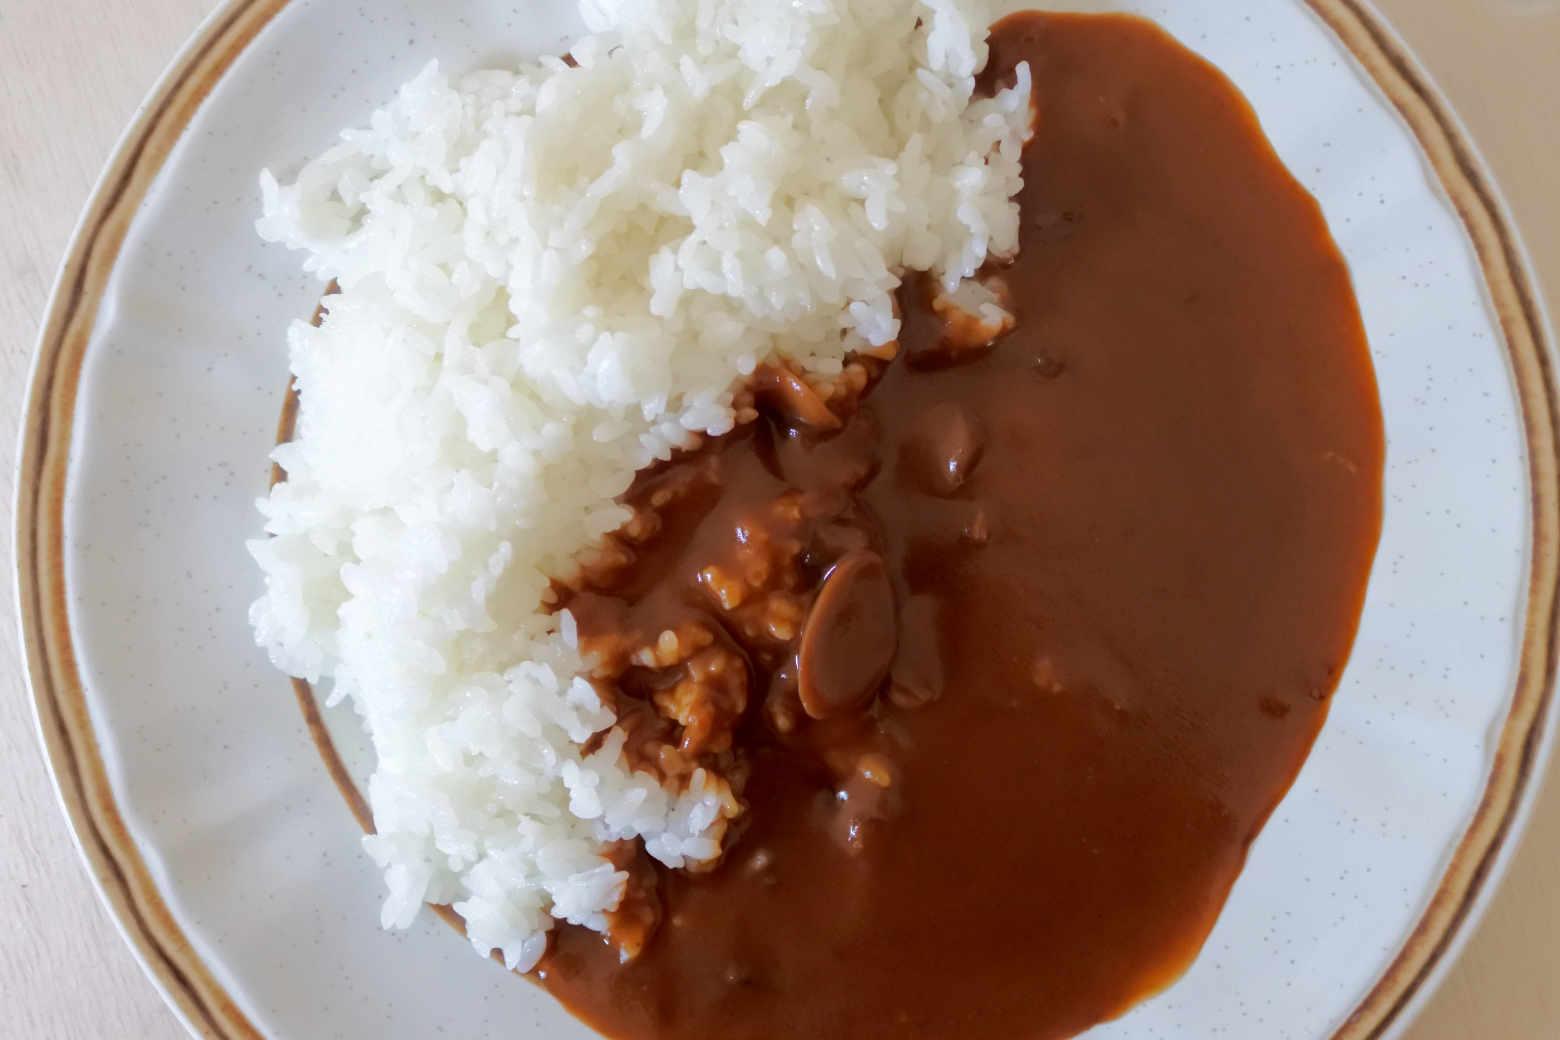 ハウス ザ・ホテル・ハヤシ:カレーに飽きた? 洋食感のある日本食を【食品】